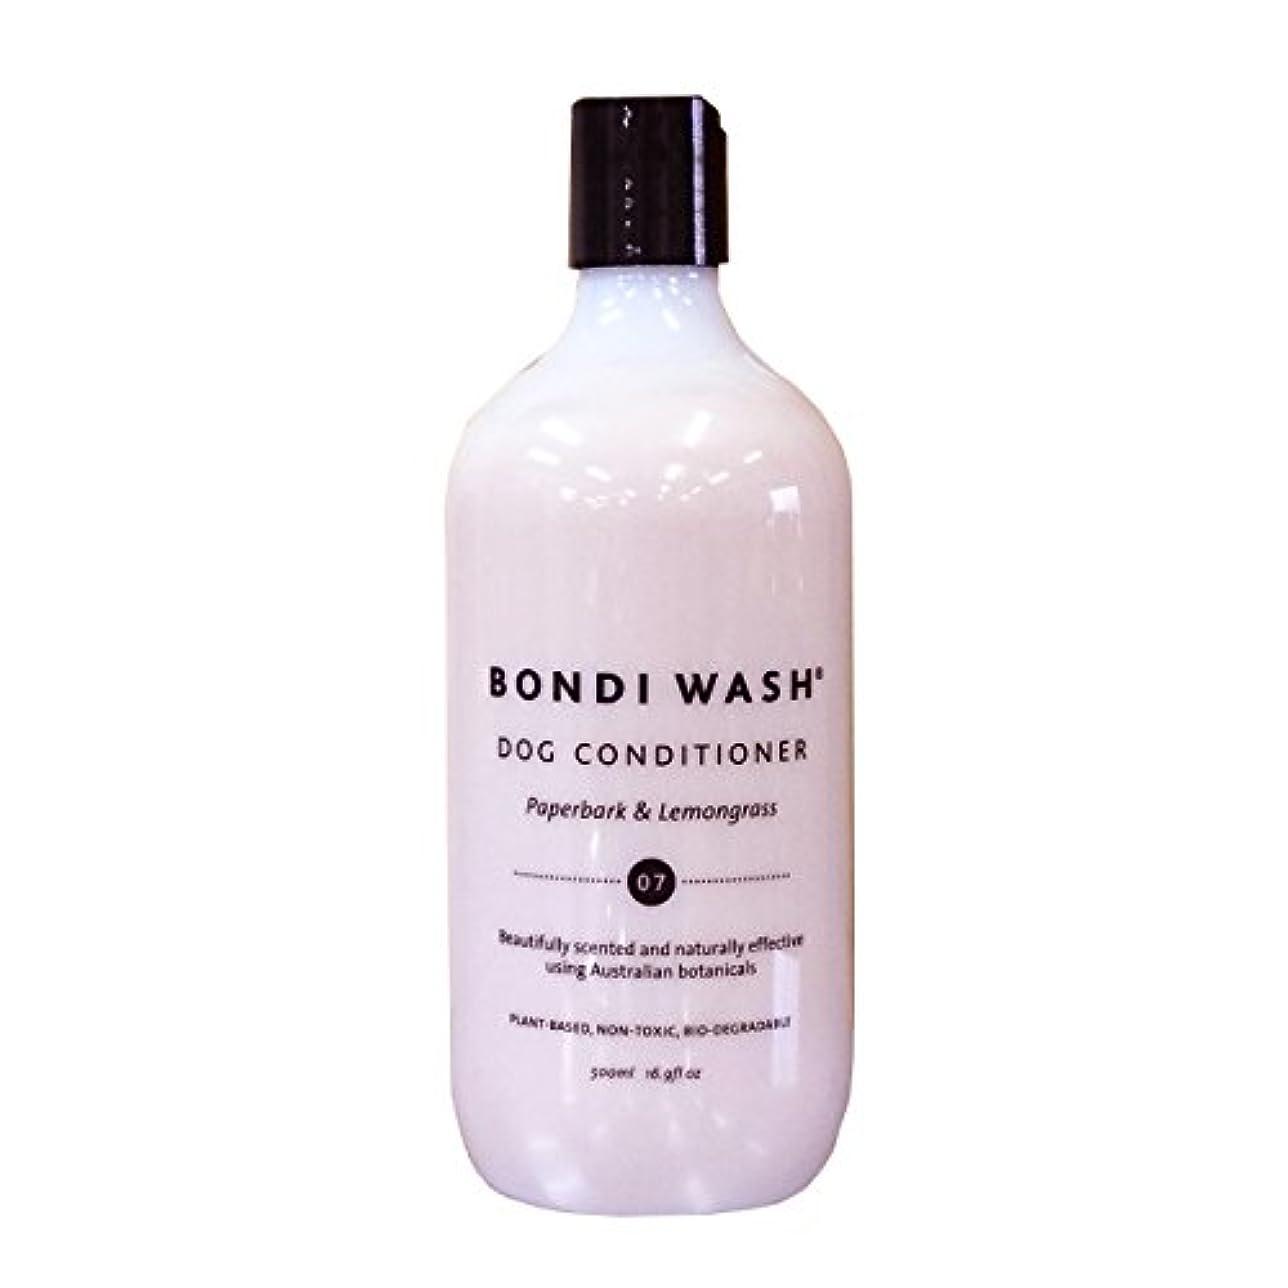 あえぎ与える粒BONDI WASH ドッグコンディショナー ペイパーバーク&レモングラス (250ml)